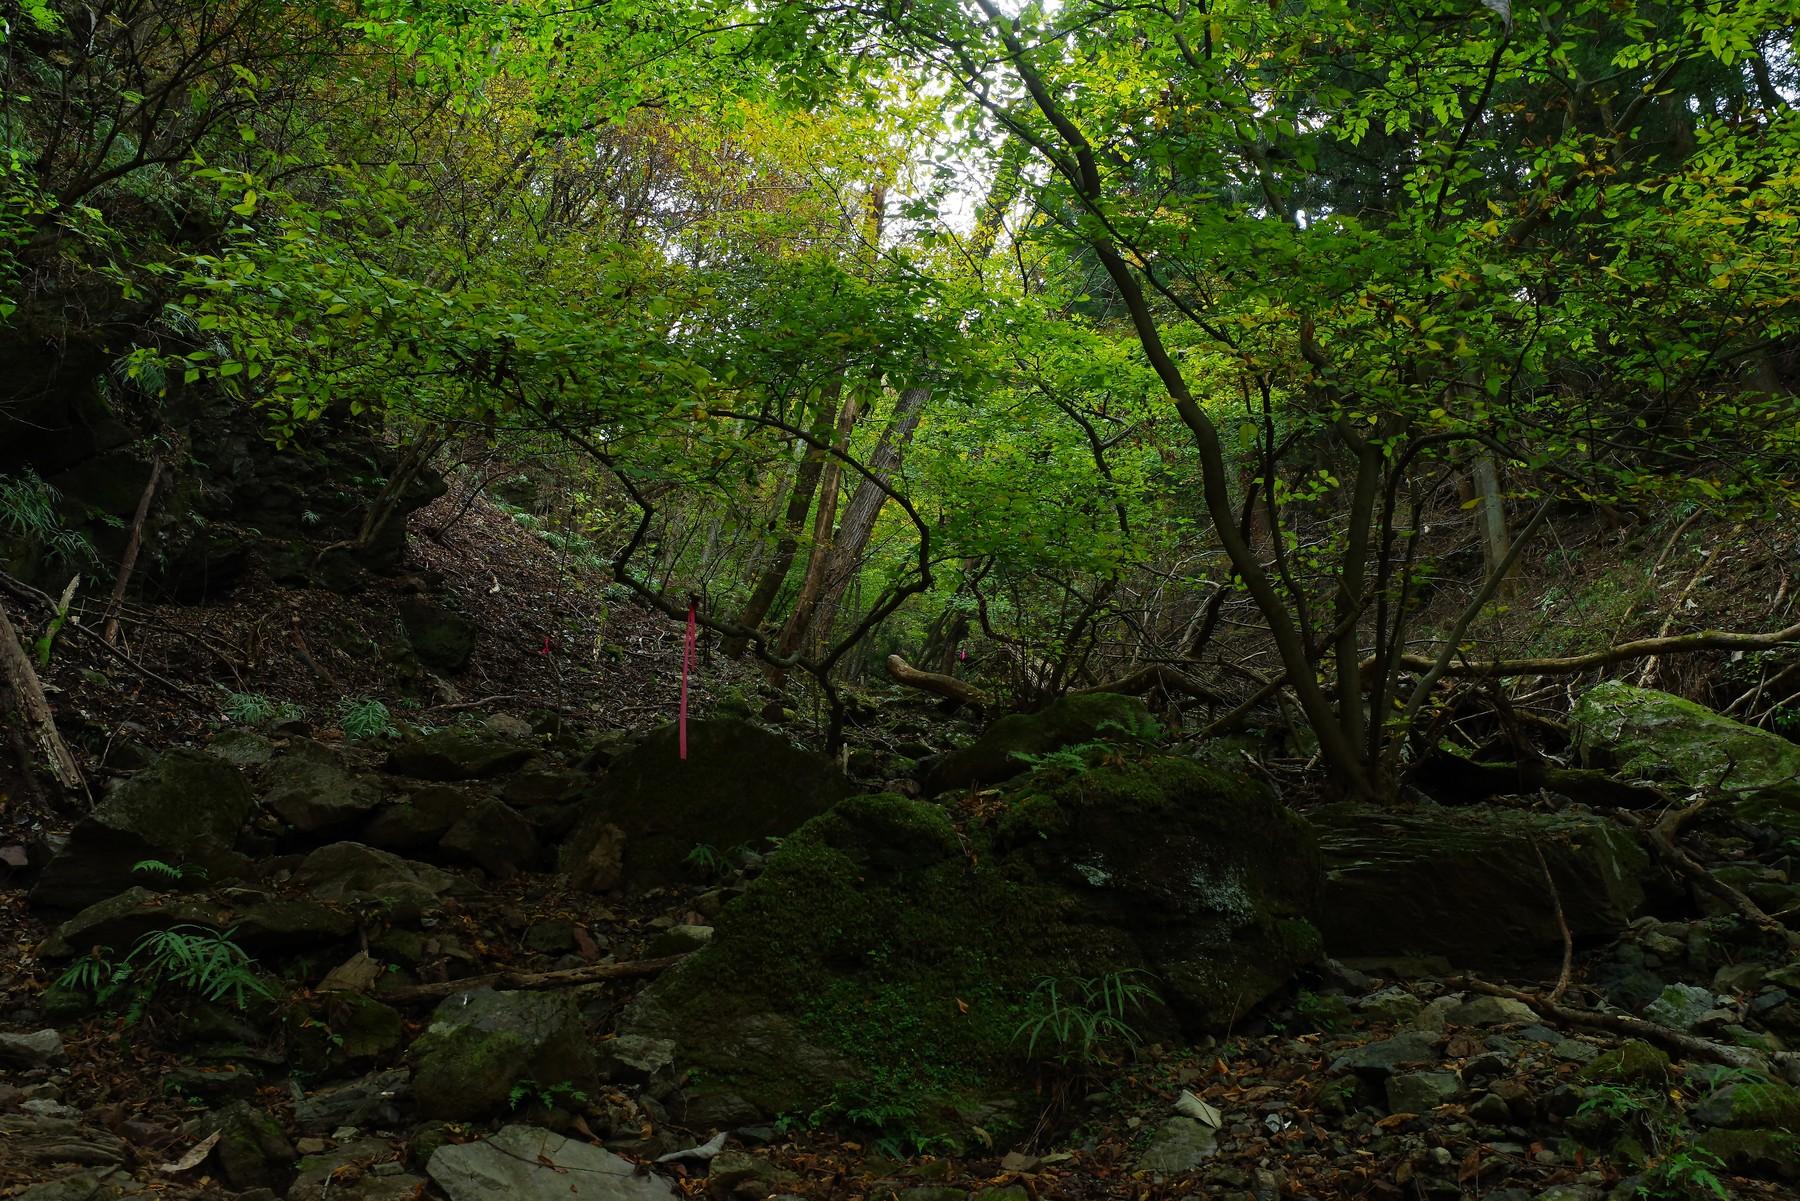 深い森に囲まれた埼玉県横瀬町にある渓谷の作例写真